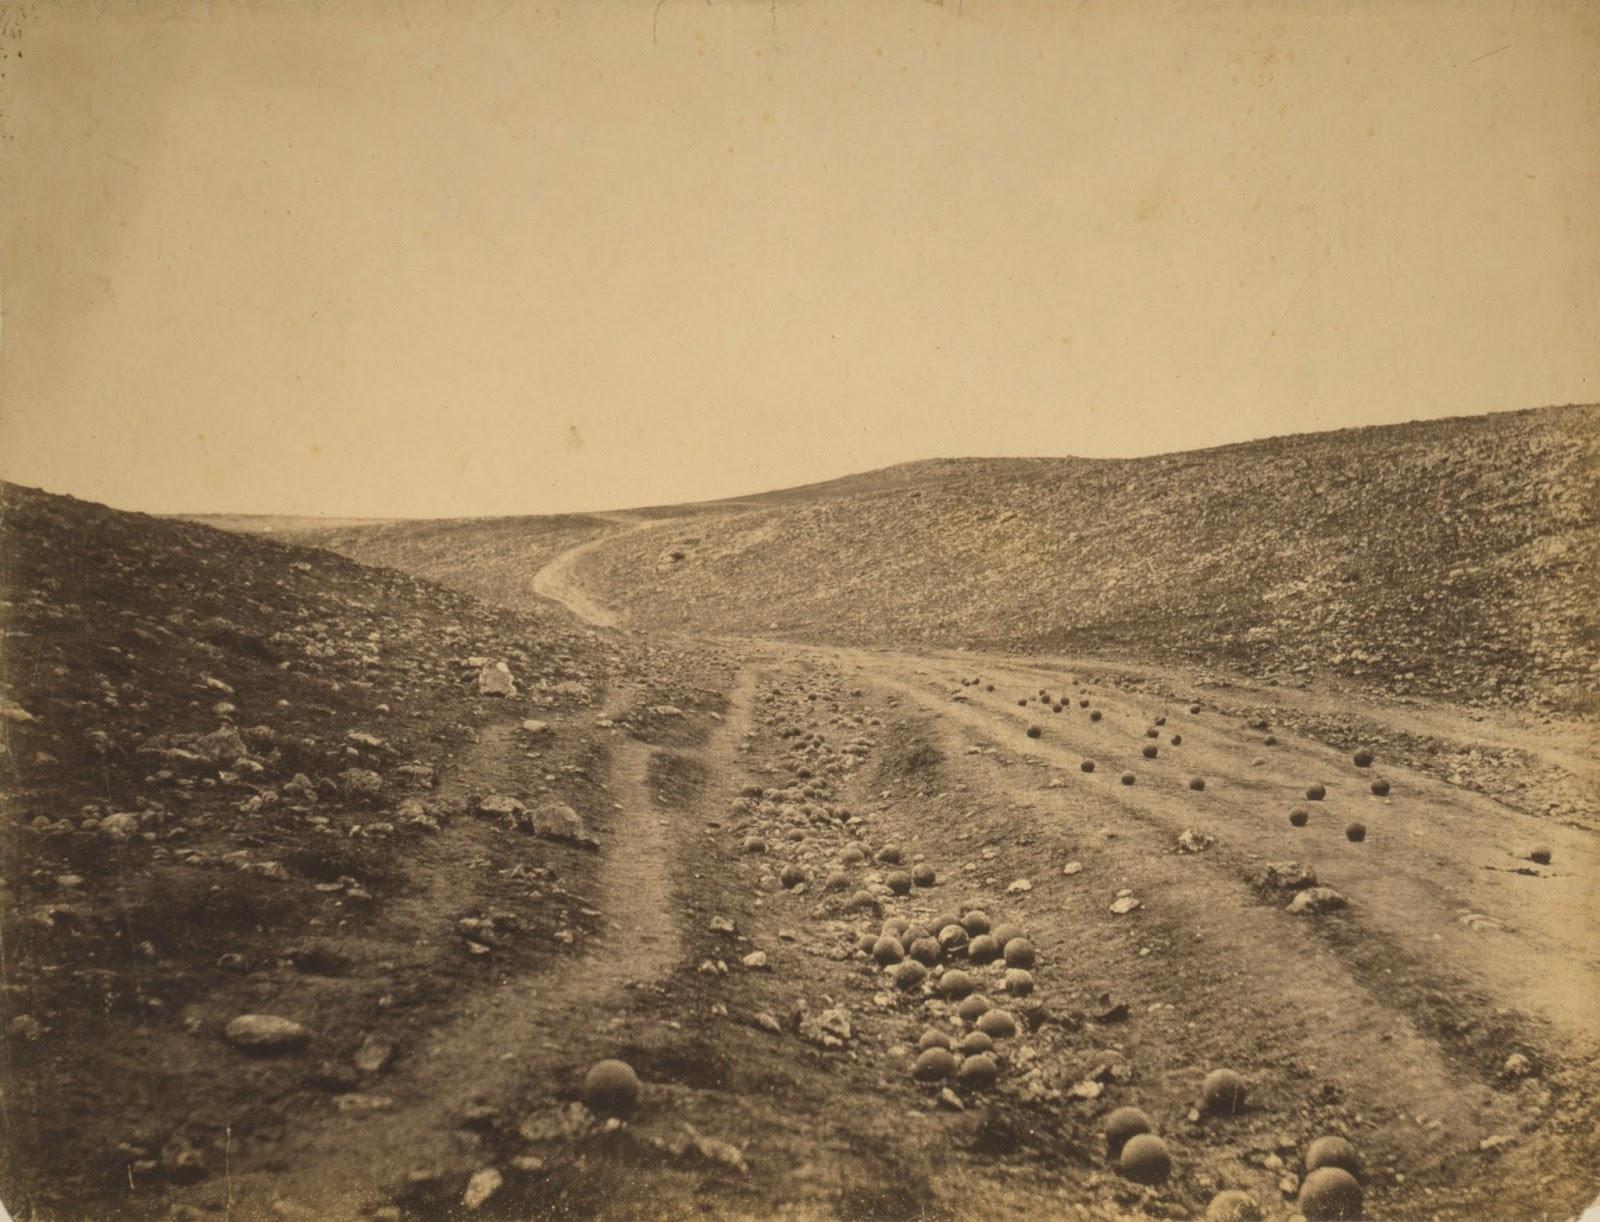 Valle de sombra de muerte. Impresión en papel salado. Roger Fenton. 1855